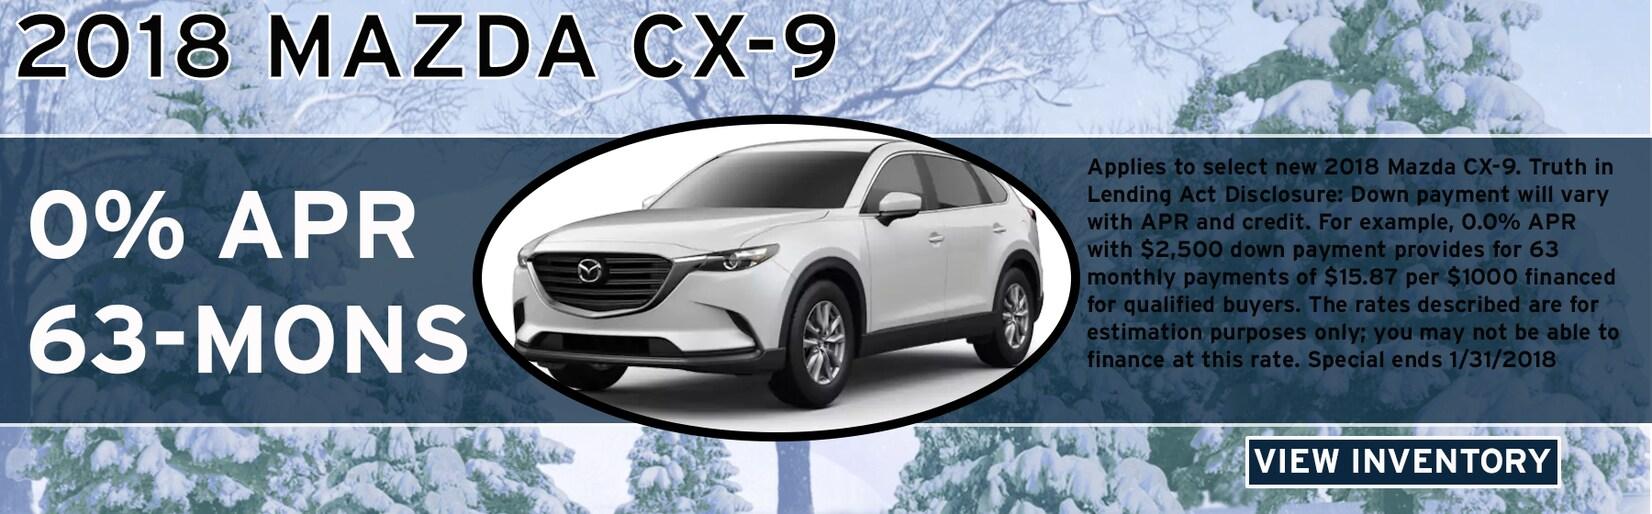 Mazda Cx Apr Idées Dimage De Voiture - Mazda 0 apr